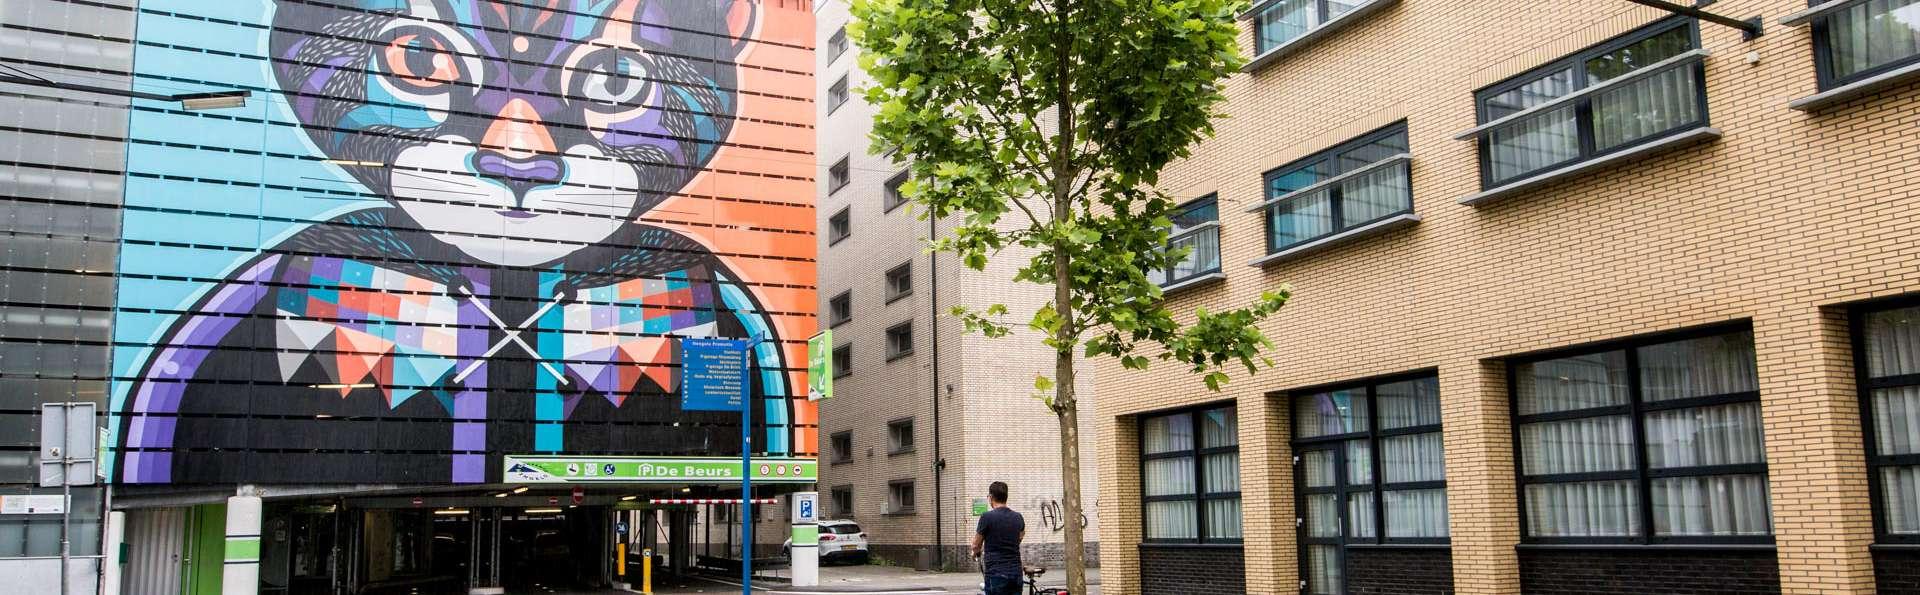 City Hotel Hengelo - EDIT_NEW_FRONT_01.jpg